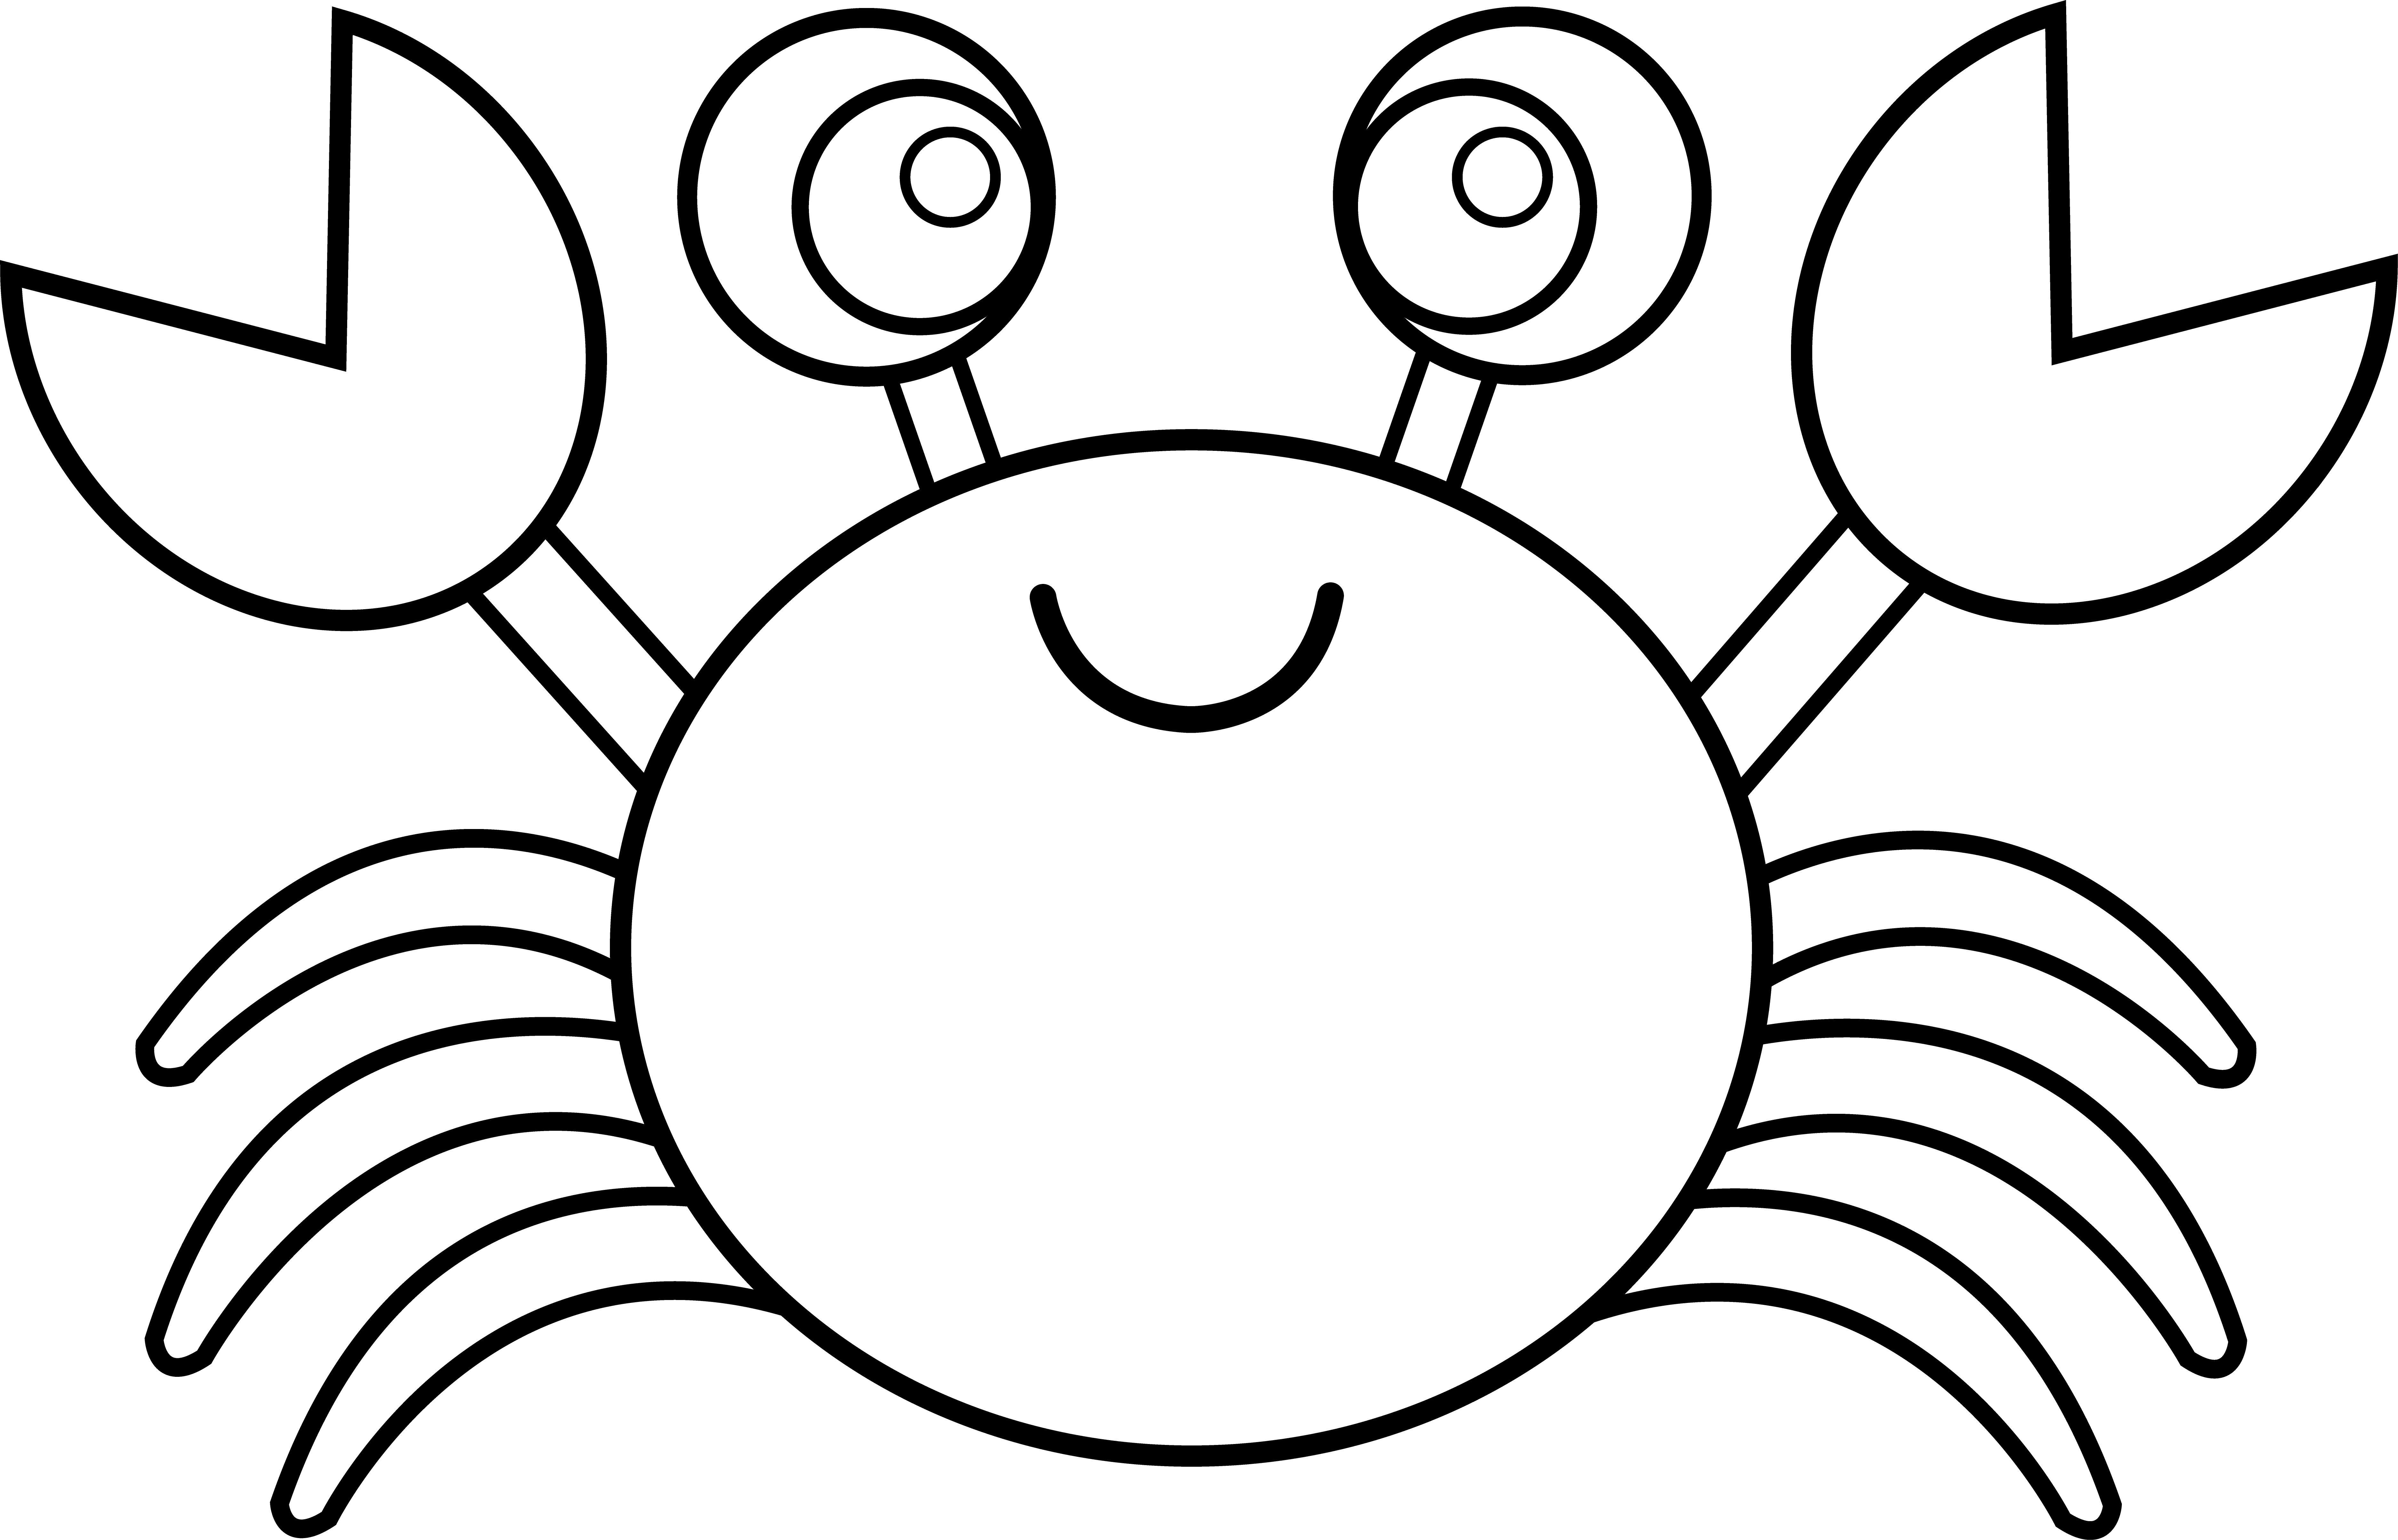 Crab template | Templates | Pinterest | Template, Teacher stuff